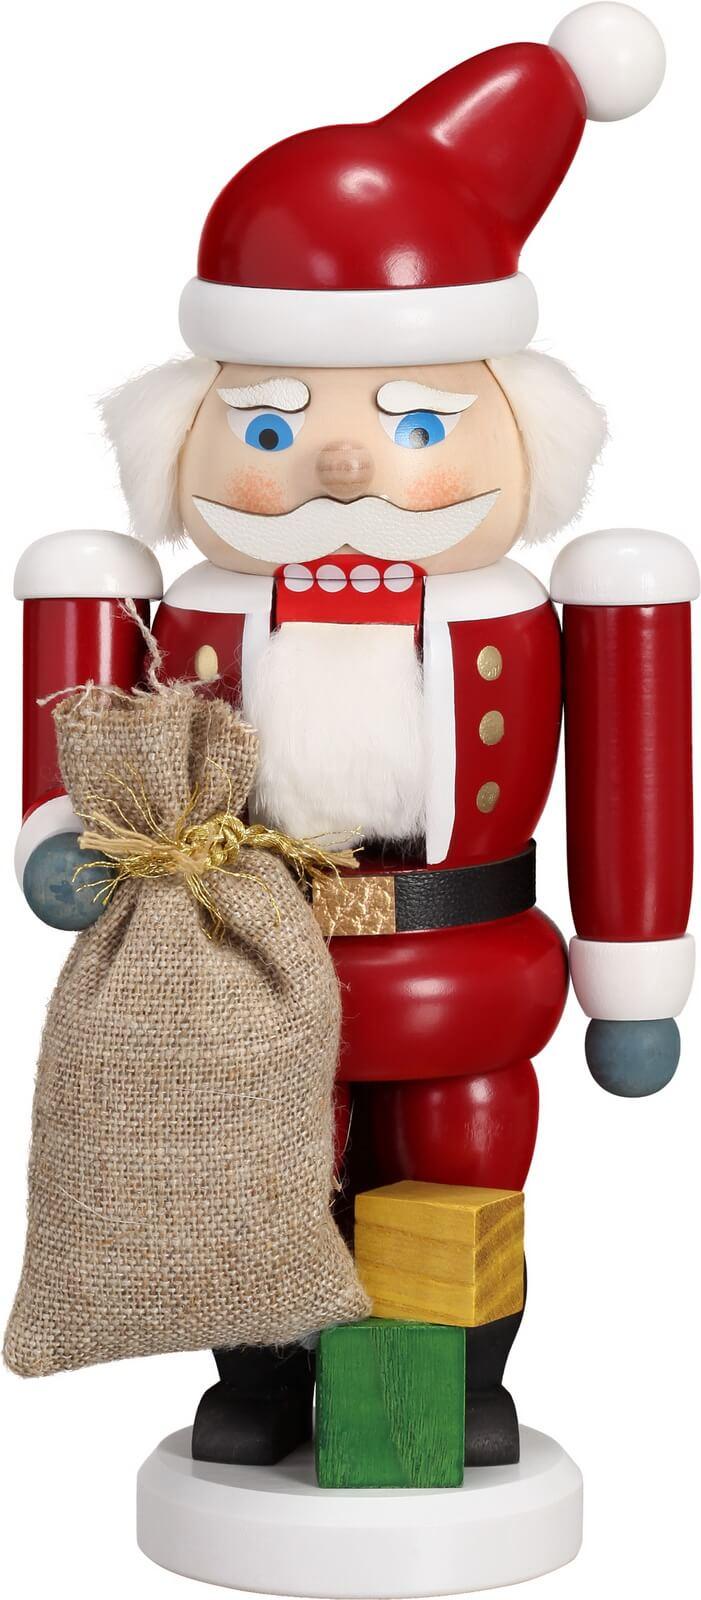 Ho, Ho, Ho ... Wer kommt dennn da von draussen rein ? Der Nussknacker Weihnachtsmann, 21 cm von der Seiffener Volkskunst eG Seiffen/ Erzgebirge. Dienten …